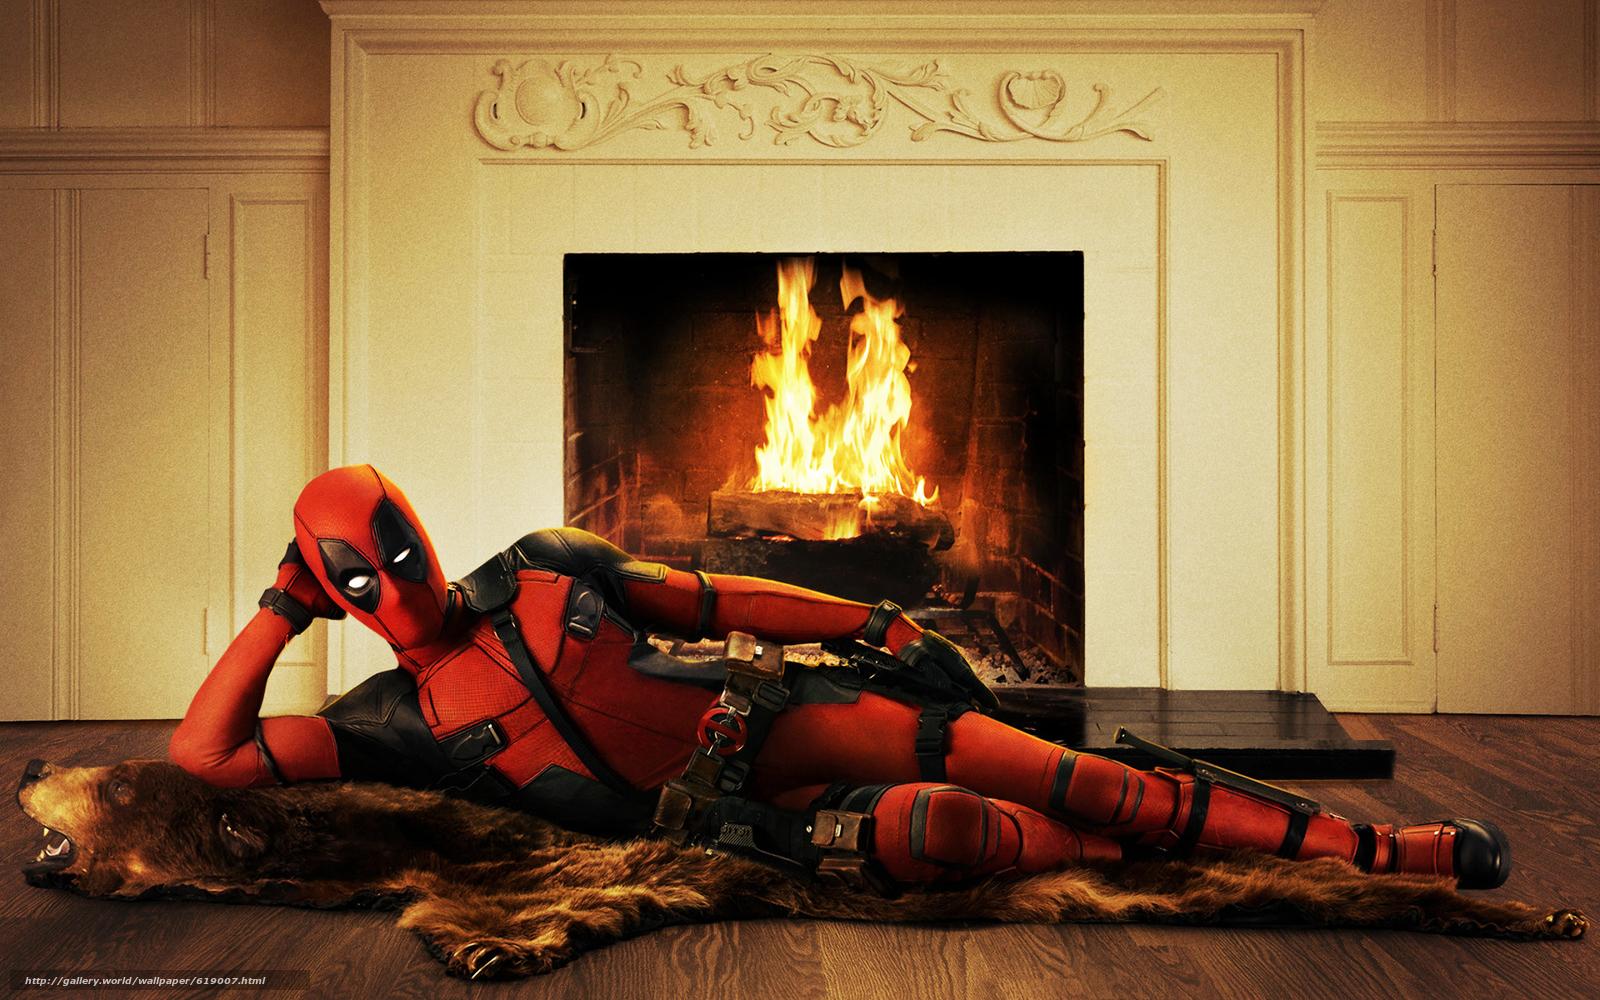 Скачать обои Ryan Reynolds, Deadpool, Movies бесплатно для рабочего стола разрешением 1920x1200 —  картинка № 619007